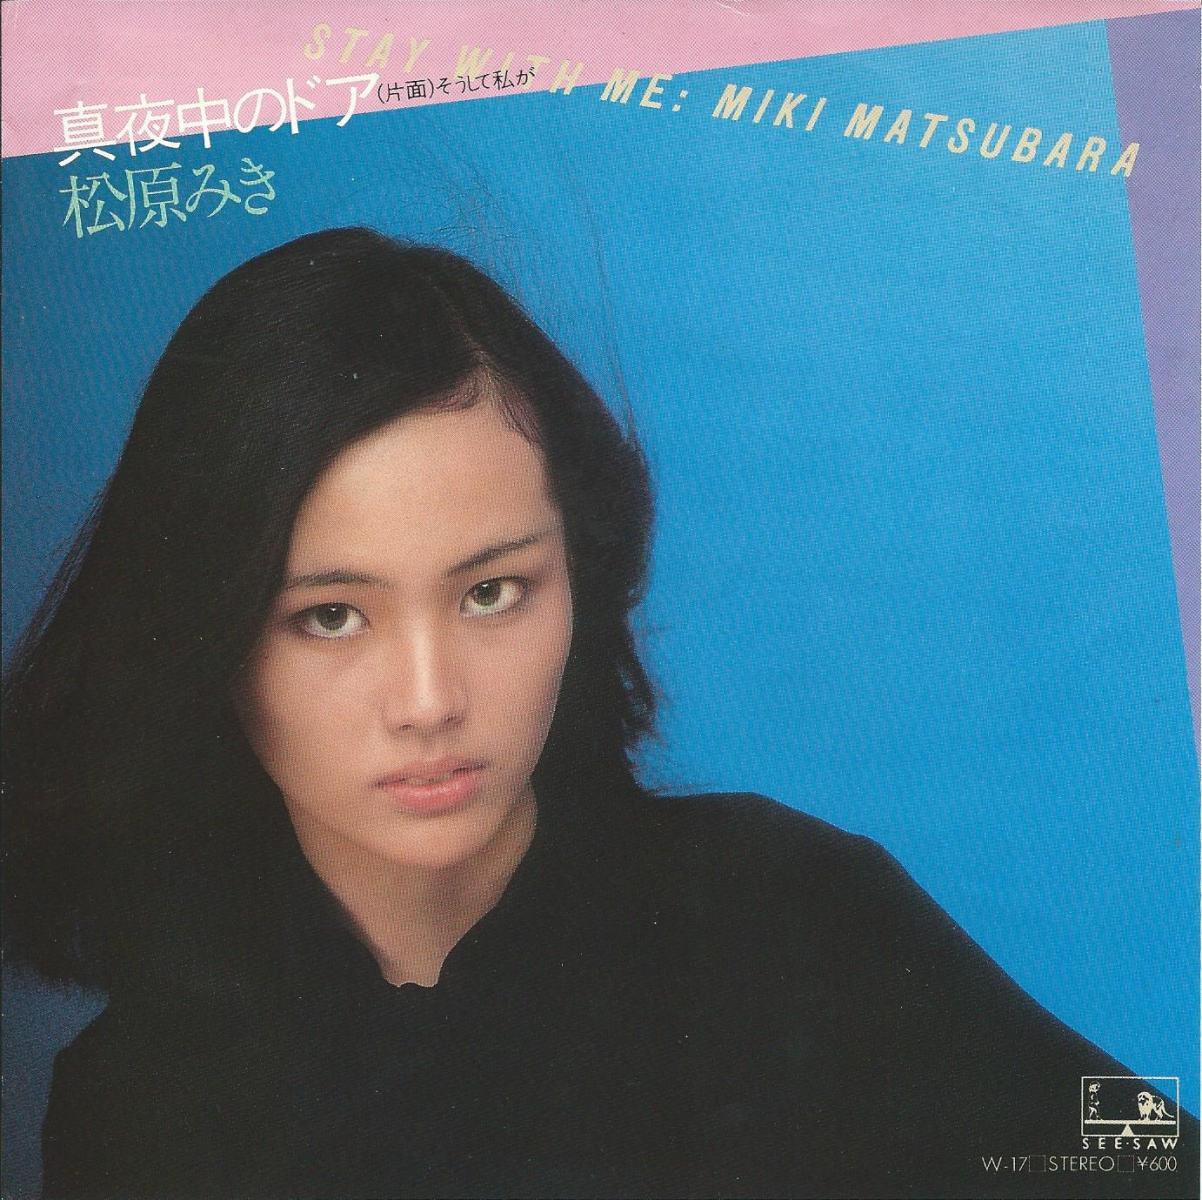 松原みき MIKI MATSUBARA / 真夜中のドア〜Stay With Me (7